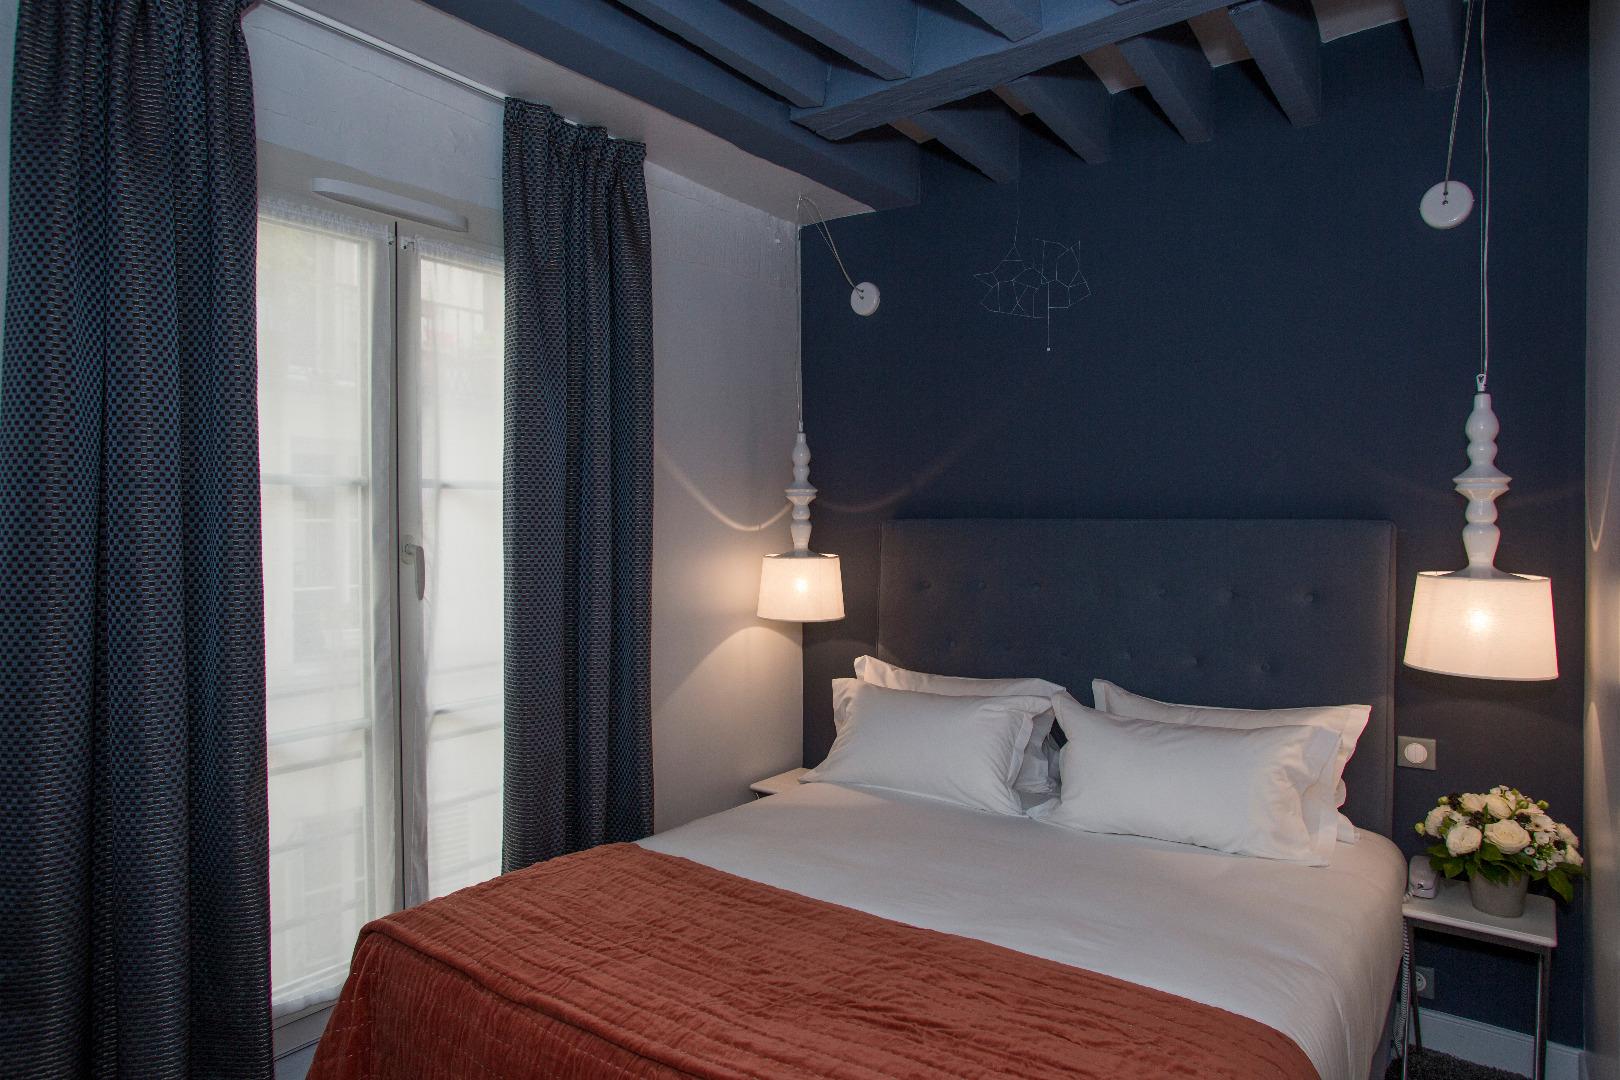 Hôtel marais hôme - paris à Paris